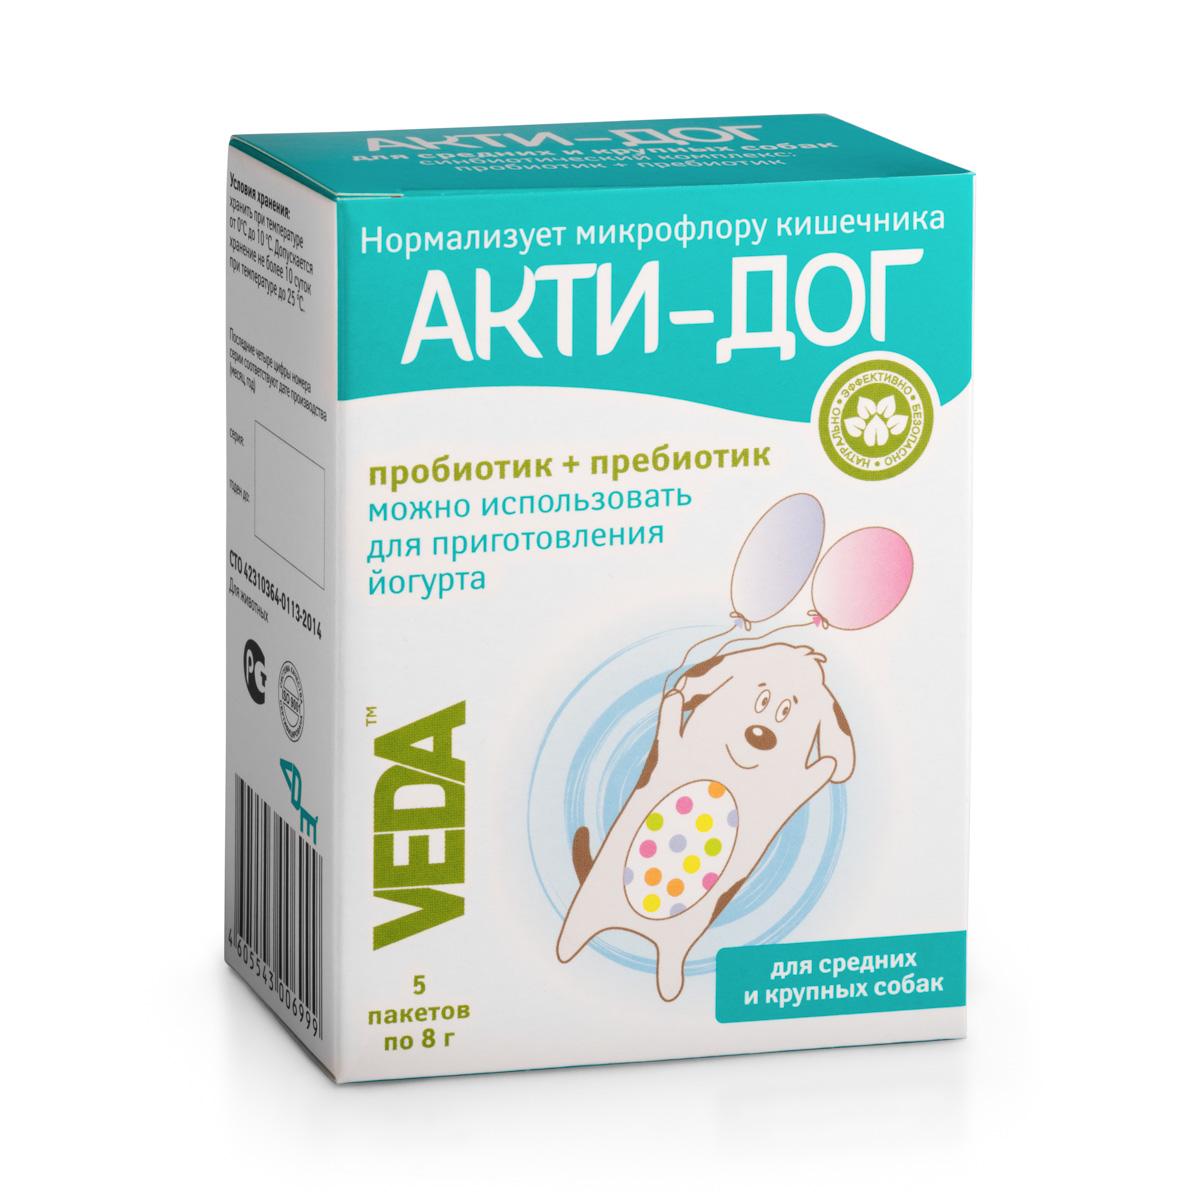 АКТИ-ДОГ функциональный корм для средних и крупных собак, 5х8 г4605543006999Cинбиотический комплекс пробиотических микроорганизмов и пребиотических компонентов, которые оказывают взаимное усиление оздоровительного действия друг друга. Восстанавливает баланс кишечной микрофлоры, благодаря чему благотворно влияет на весь организм: - снижает риск заболеваний, связанных с кормлением (дисбиоз, отравления, аллергия и т.д.); - при различных заболеваниях кожи; - при остеопорозе и рахите; - способствует нормальному течению беременности; - активизирует иммунитет; - предохраняет от негативных последствий антибиотикотерапии. Предназначен для систематического употребления в составе кормовых рационов животных с раннего возраста.